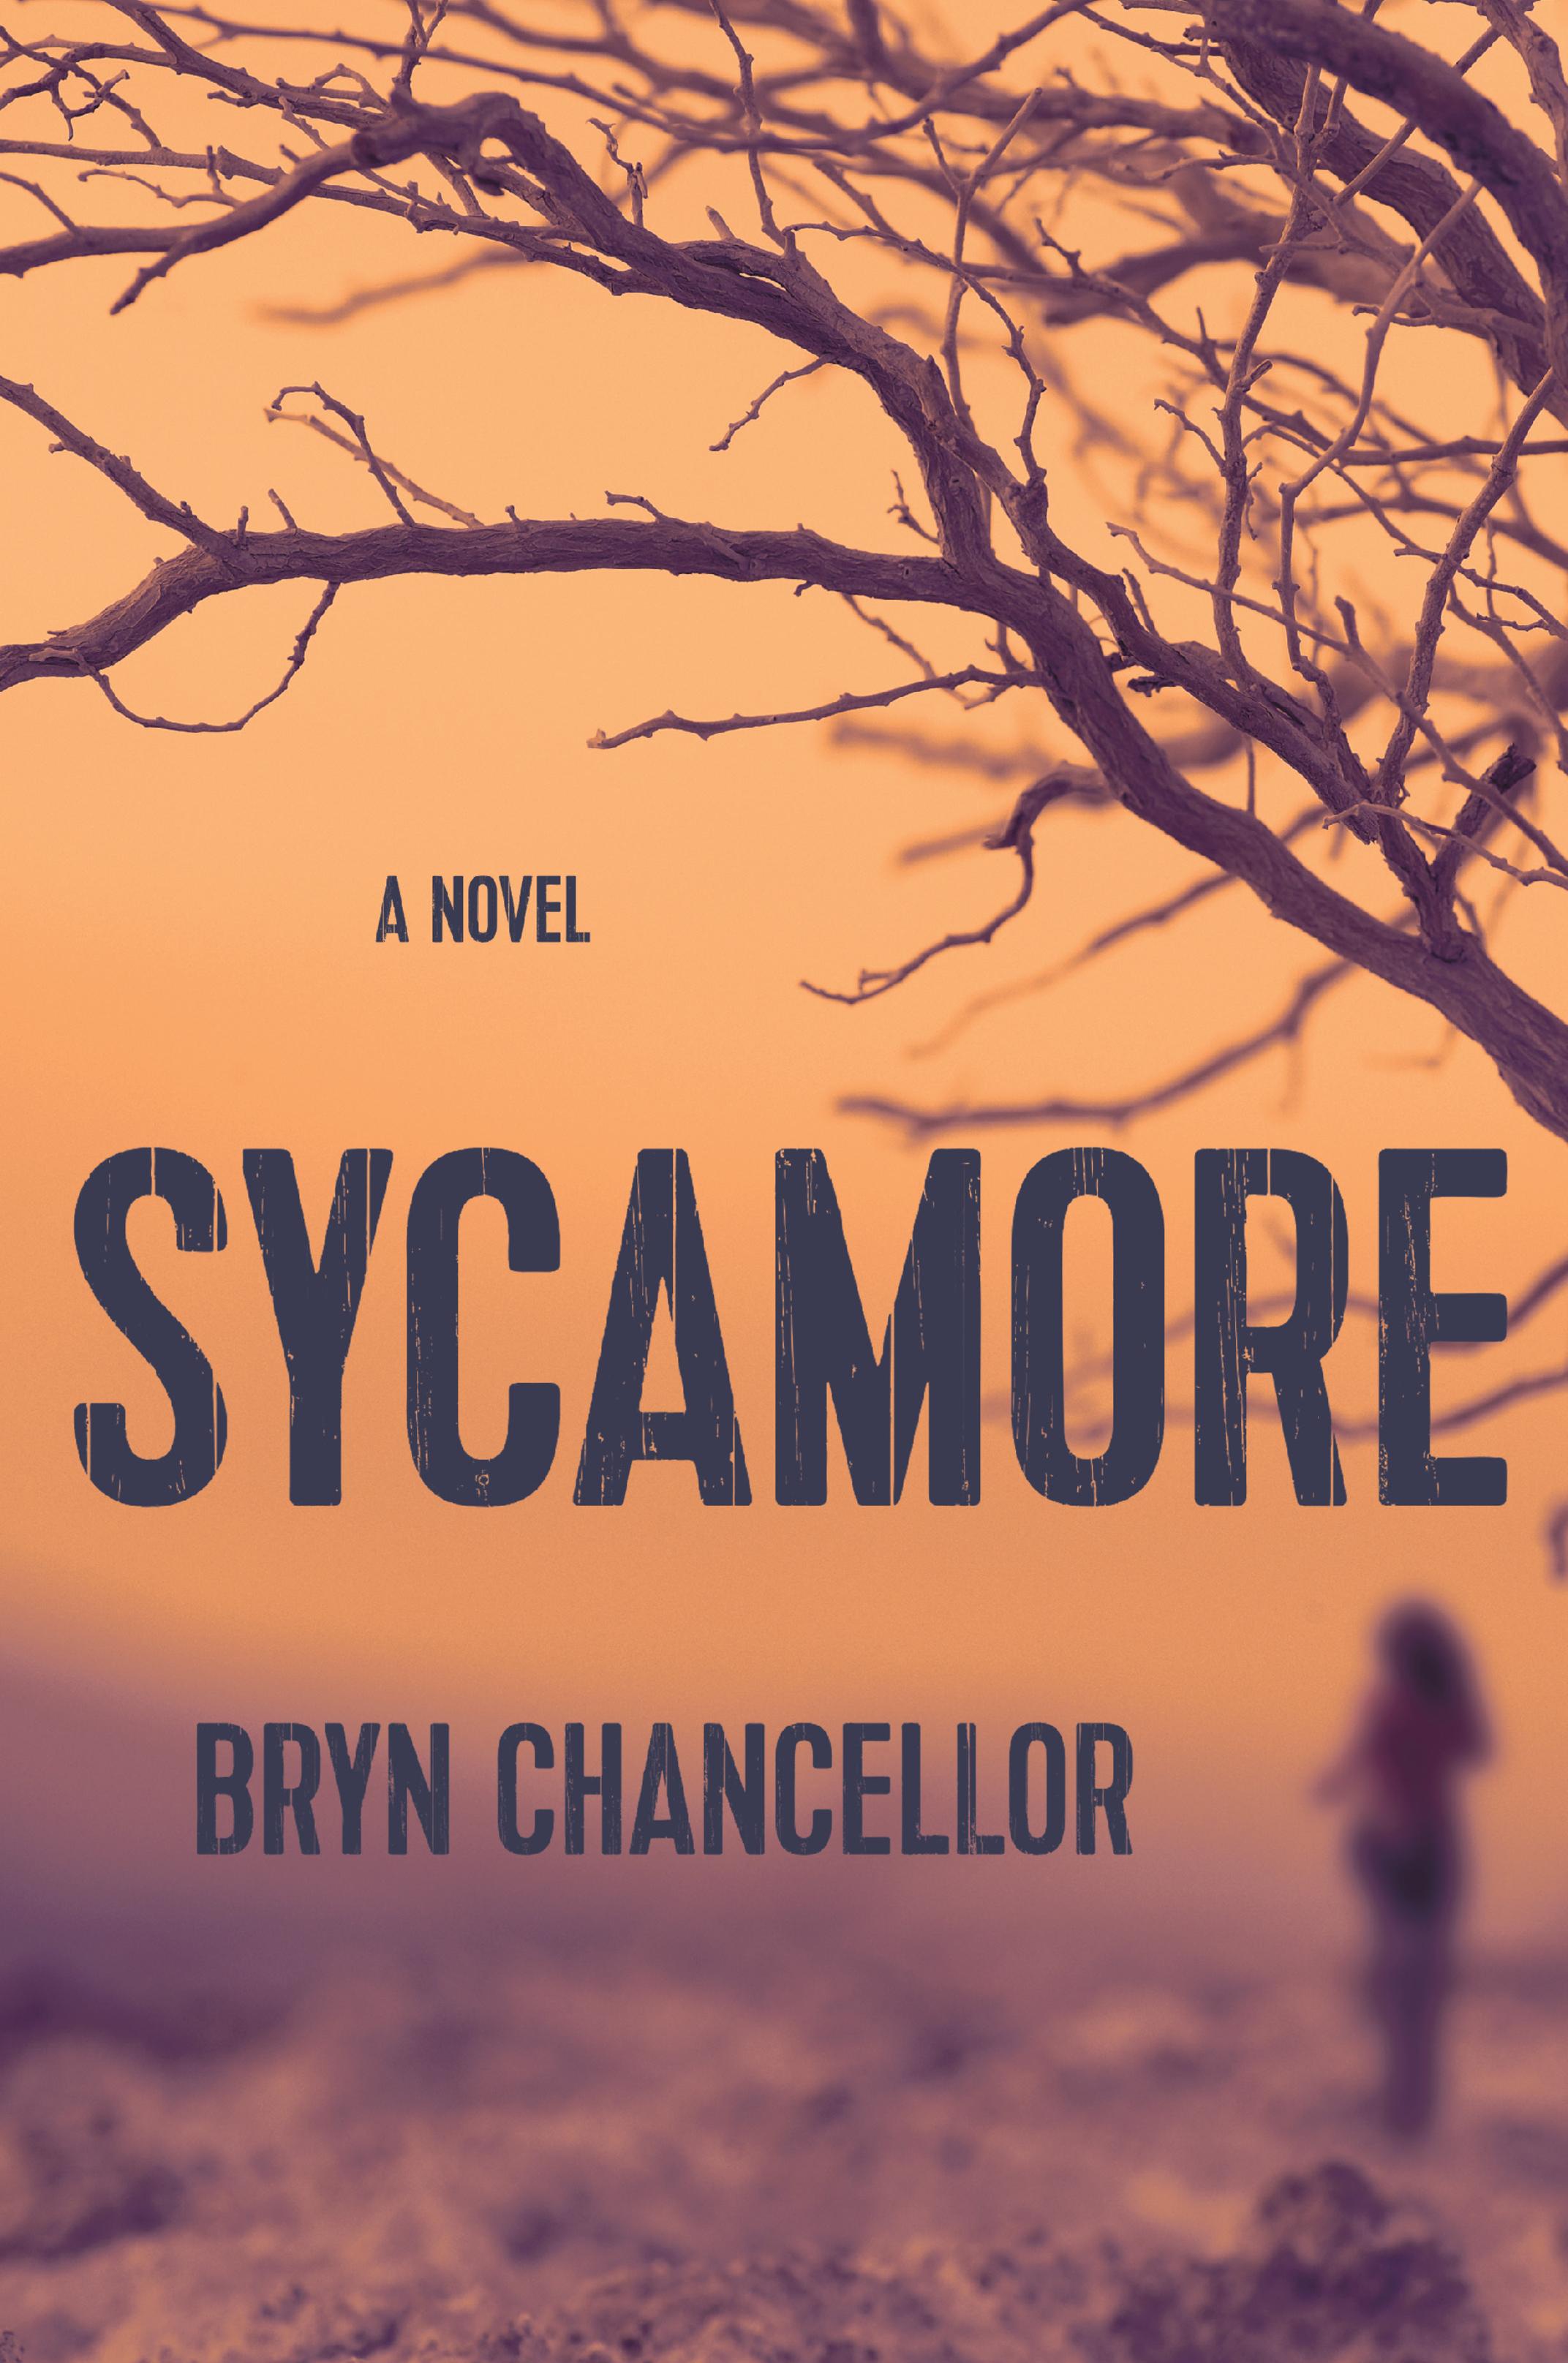 Sycamore: A Novel | Bryn Chancellor